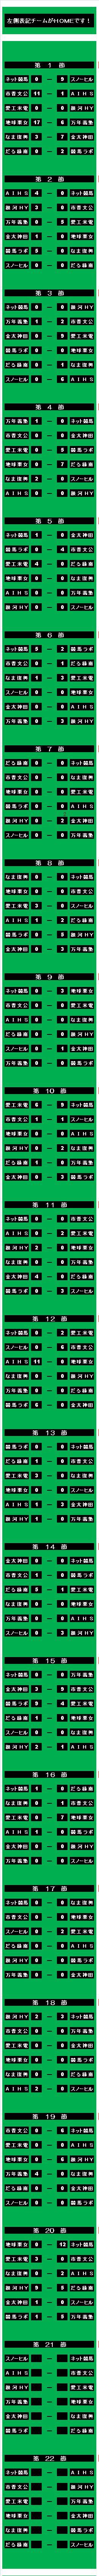 20150329・ダルマンリーグ第20節後半終了対戦相手組み合わせ表.jpg